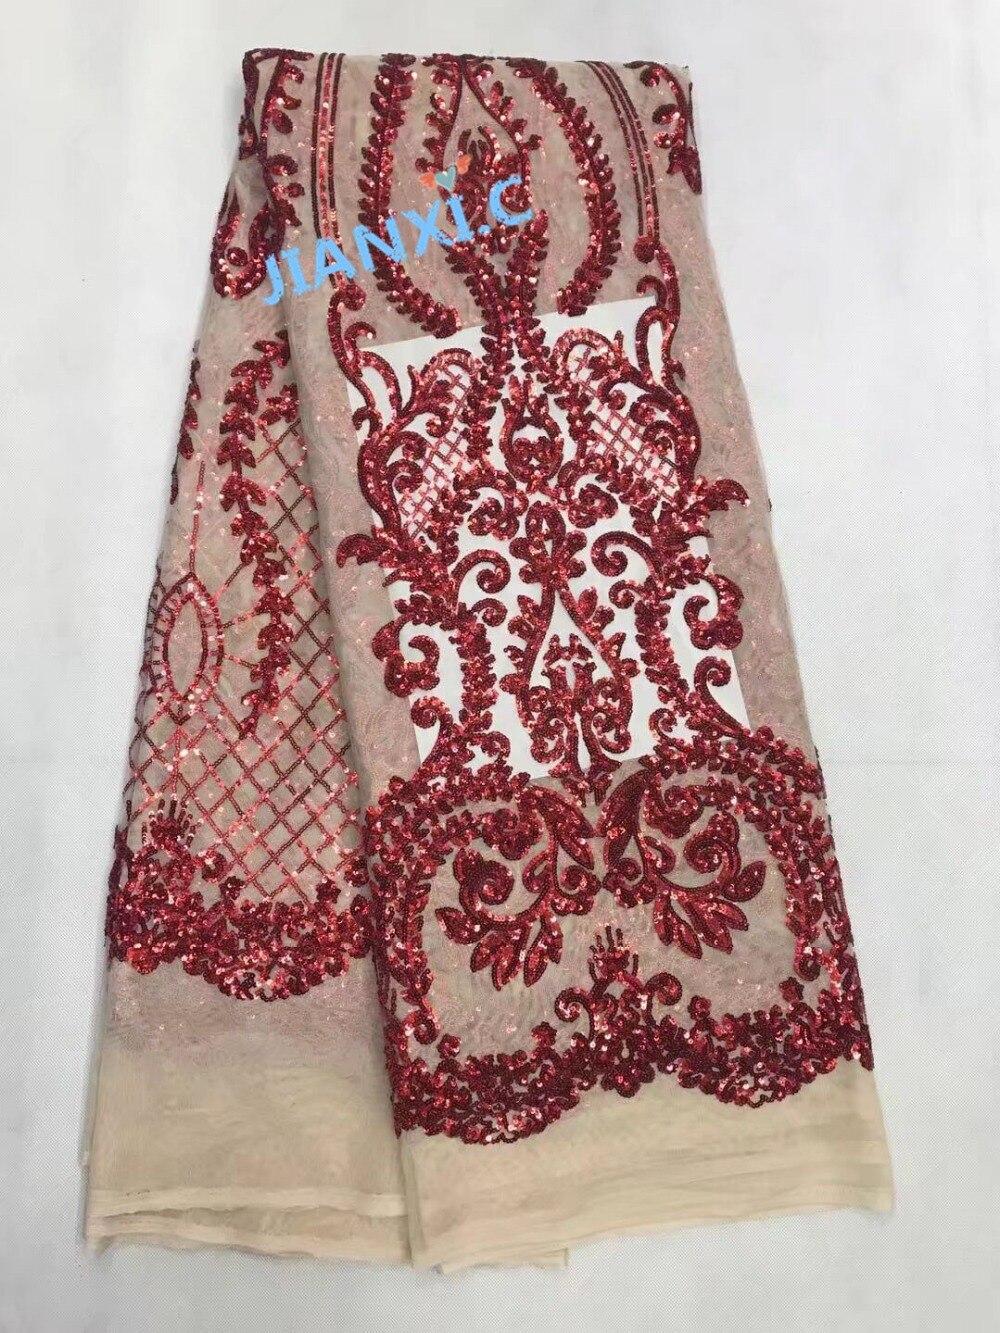 장식 조각 paillette 자 수 메쉬 레이스 아프리카 장식 조각 dhl에 의해 이브닝 드레스 선박에 대 한 레이스 패브릭 david 7112-에서레이스부터 홈 & 가든 의  그룹 1